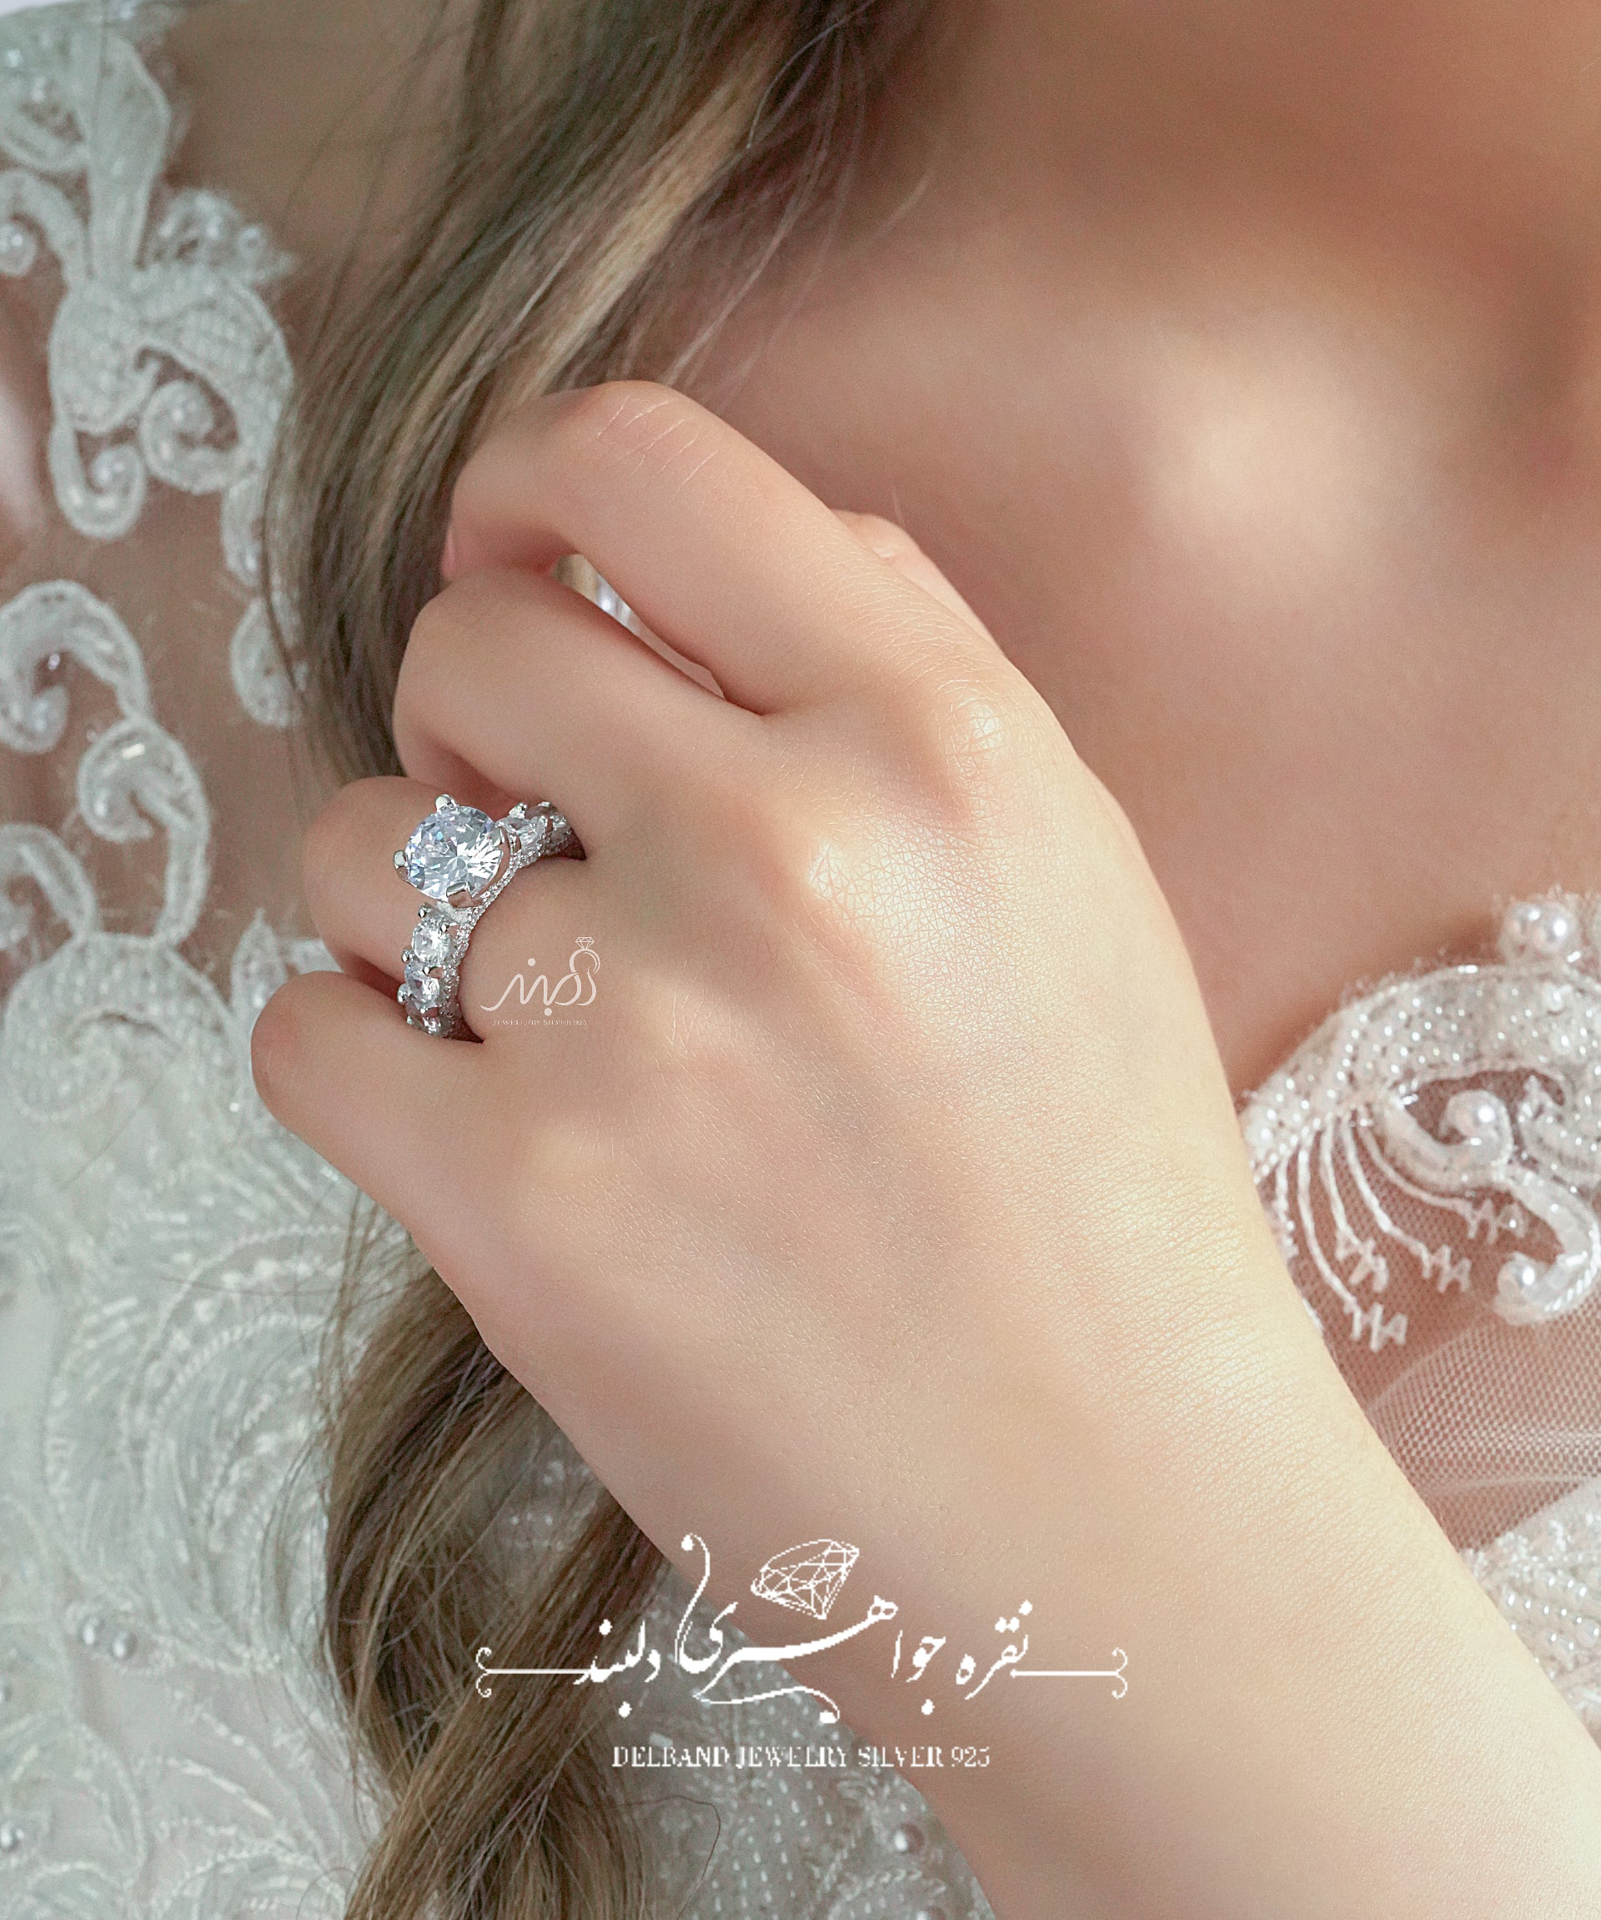 💍انگشتر جواهری سولیتر دورنگین آمریکایی Round-cut ؛ با طراحی خاص و زیبا نقره عیار ۹۲۵ با روکش طلا سفید (R_1068)